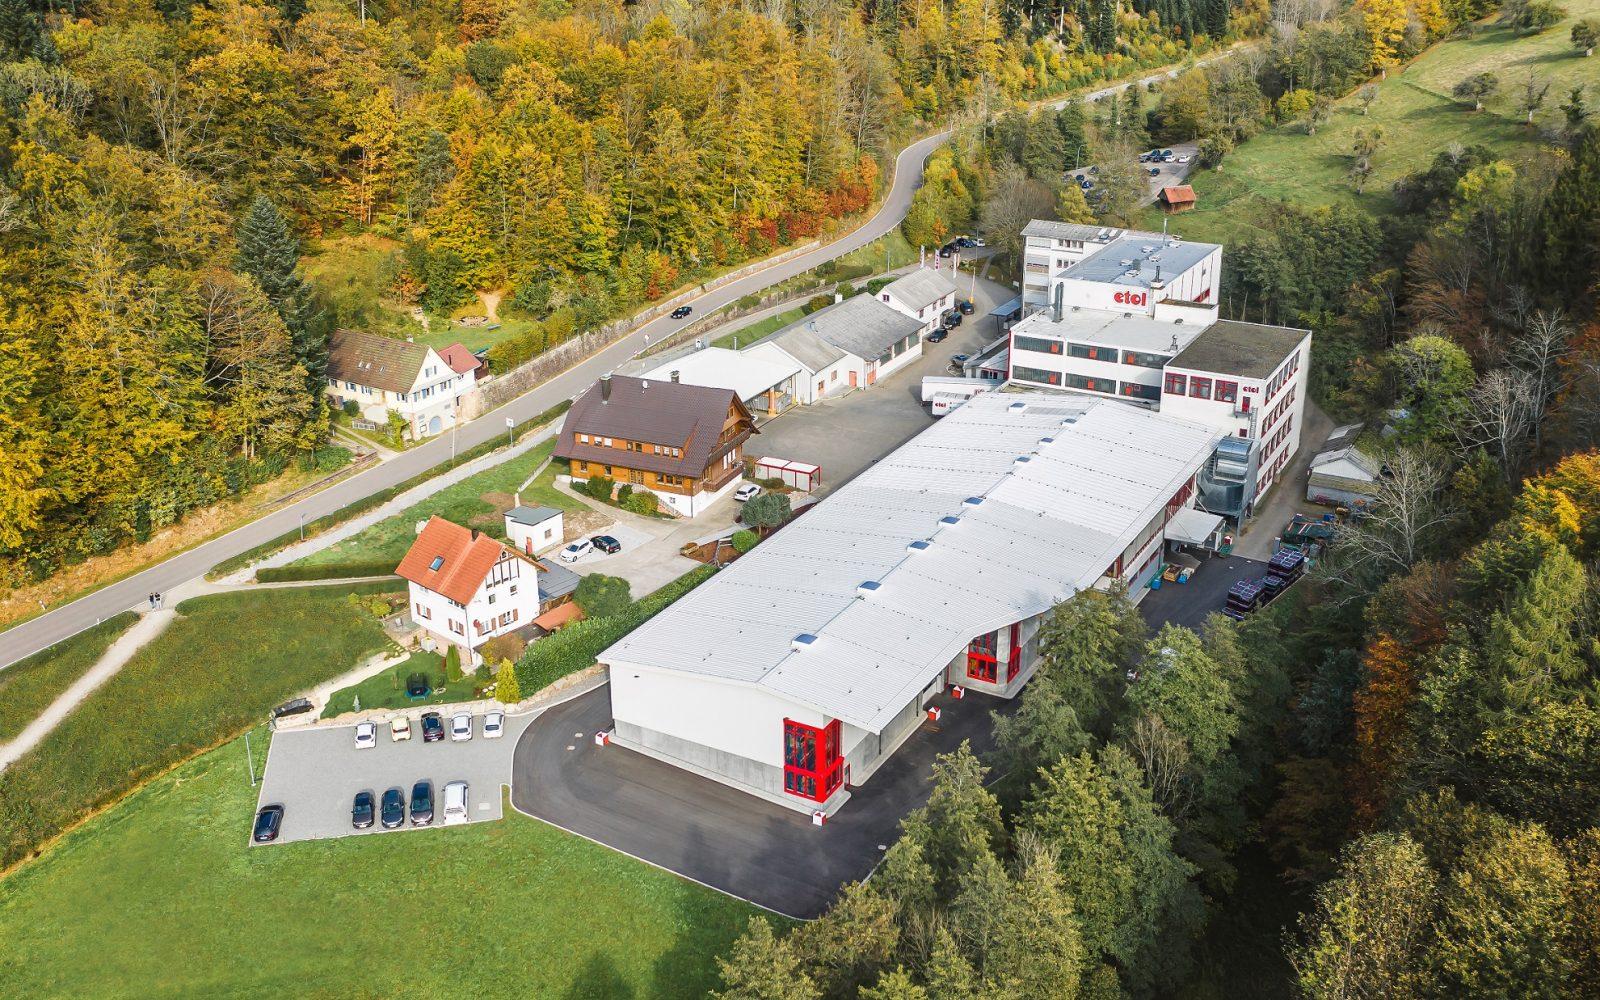 etol Werk in Oppenau - Kunststoffverarbeitung, technische Kunststoffteile, PUR, Lohnhersteller, gewerbliche Reinigungsmittel